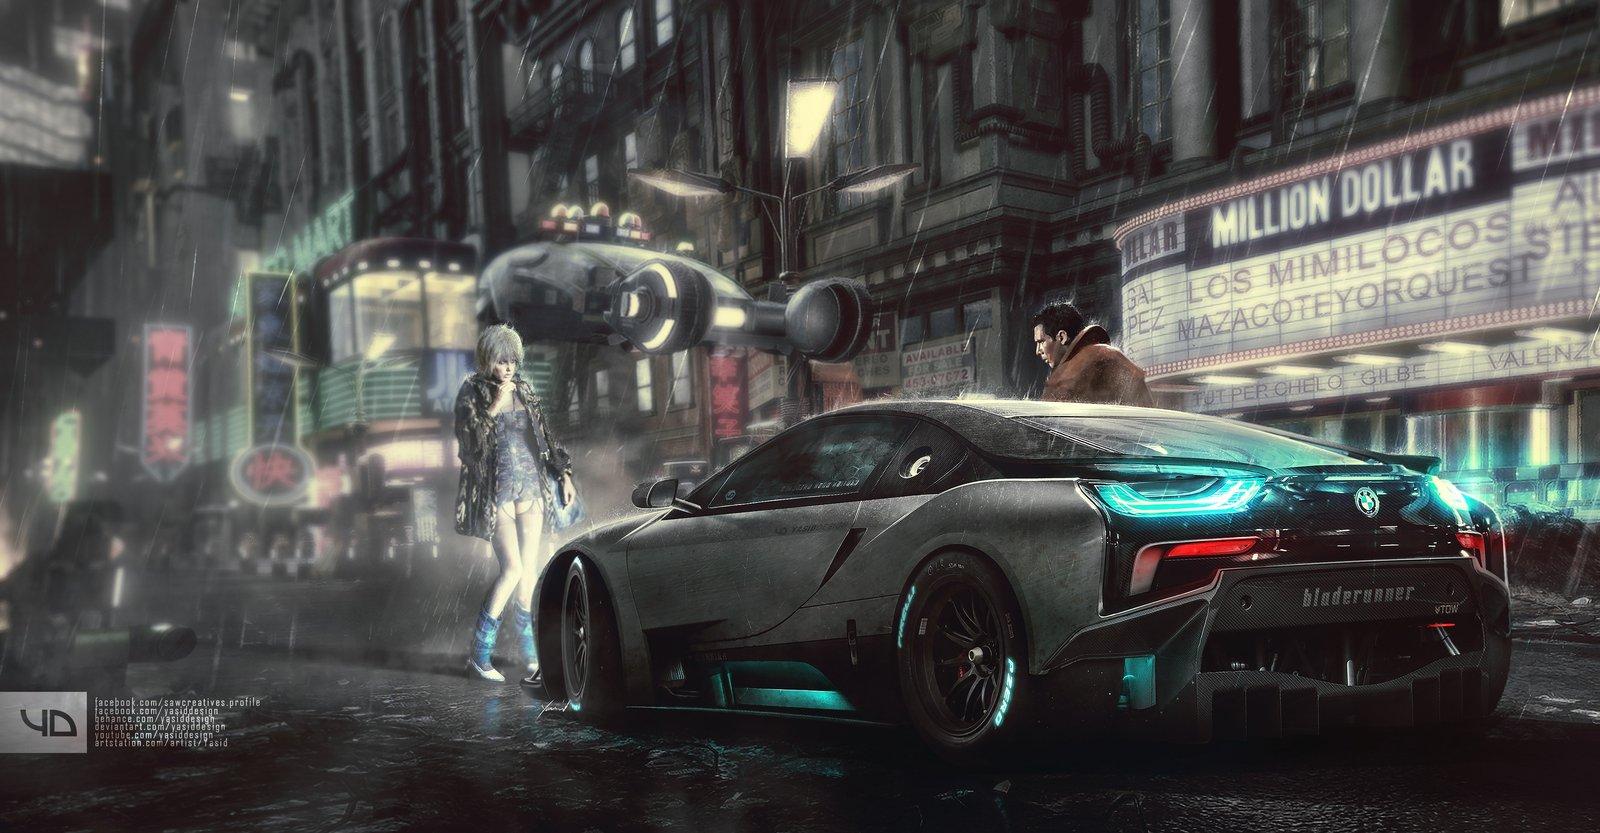 Blade Runner i8